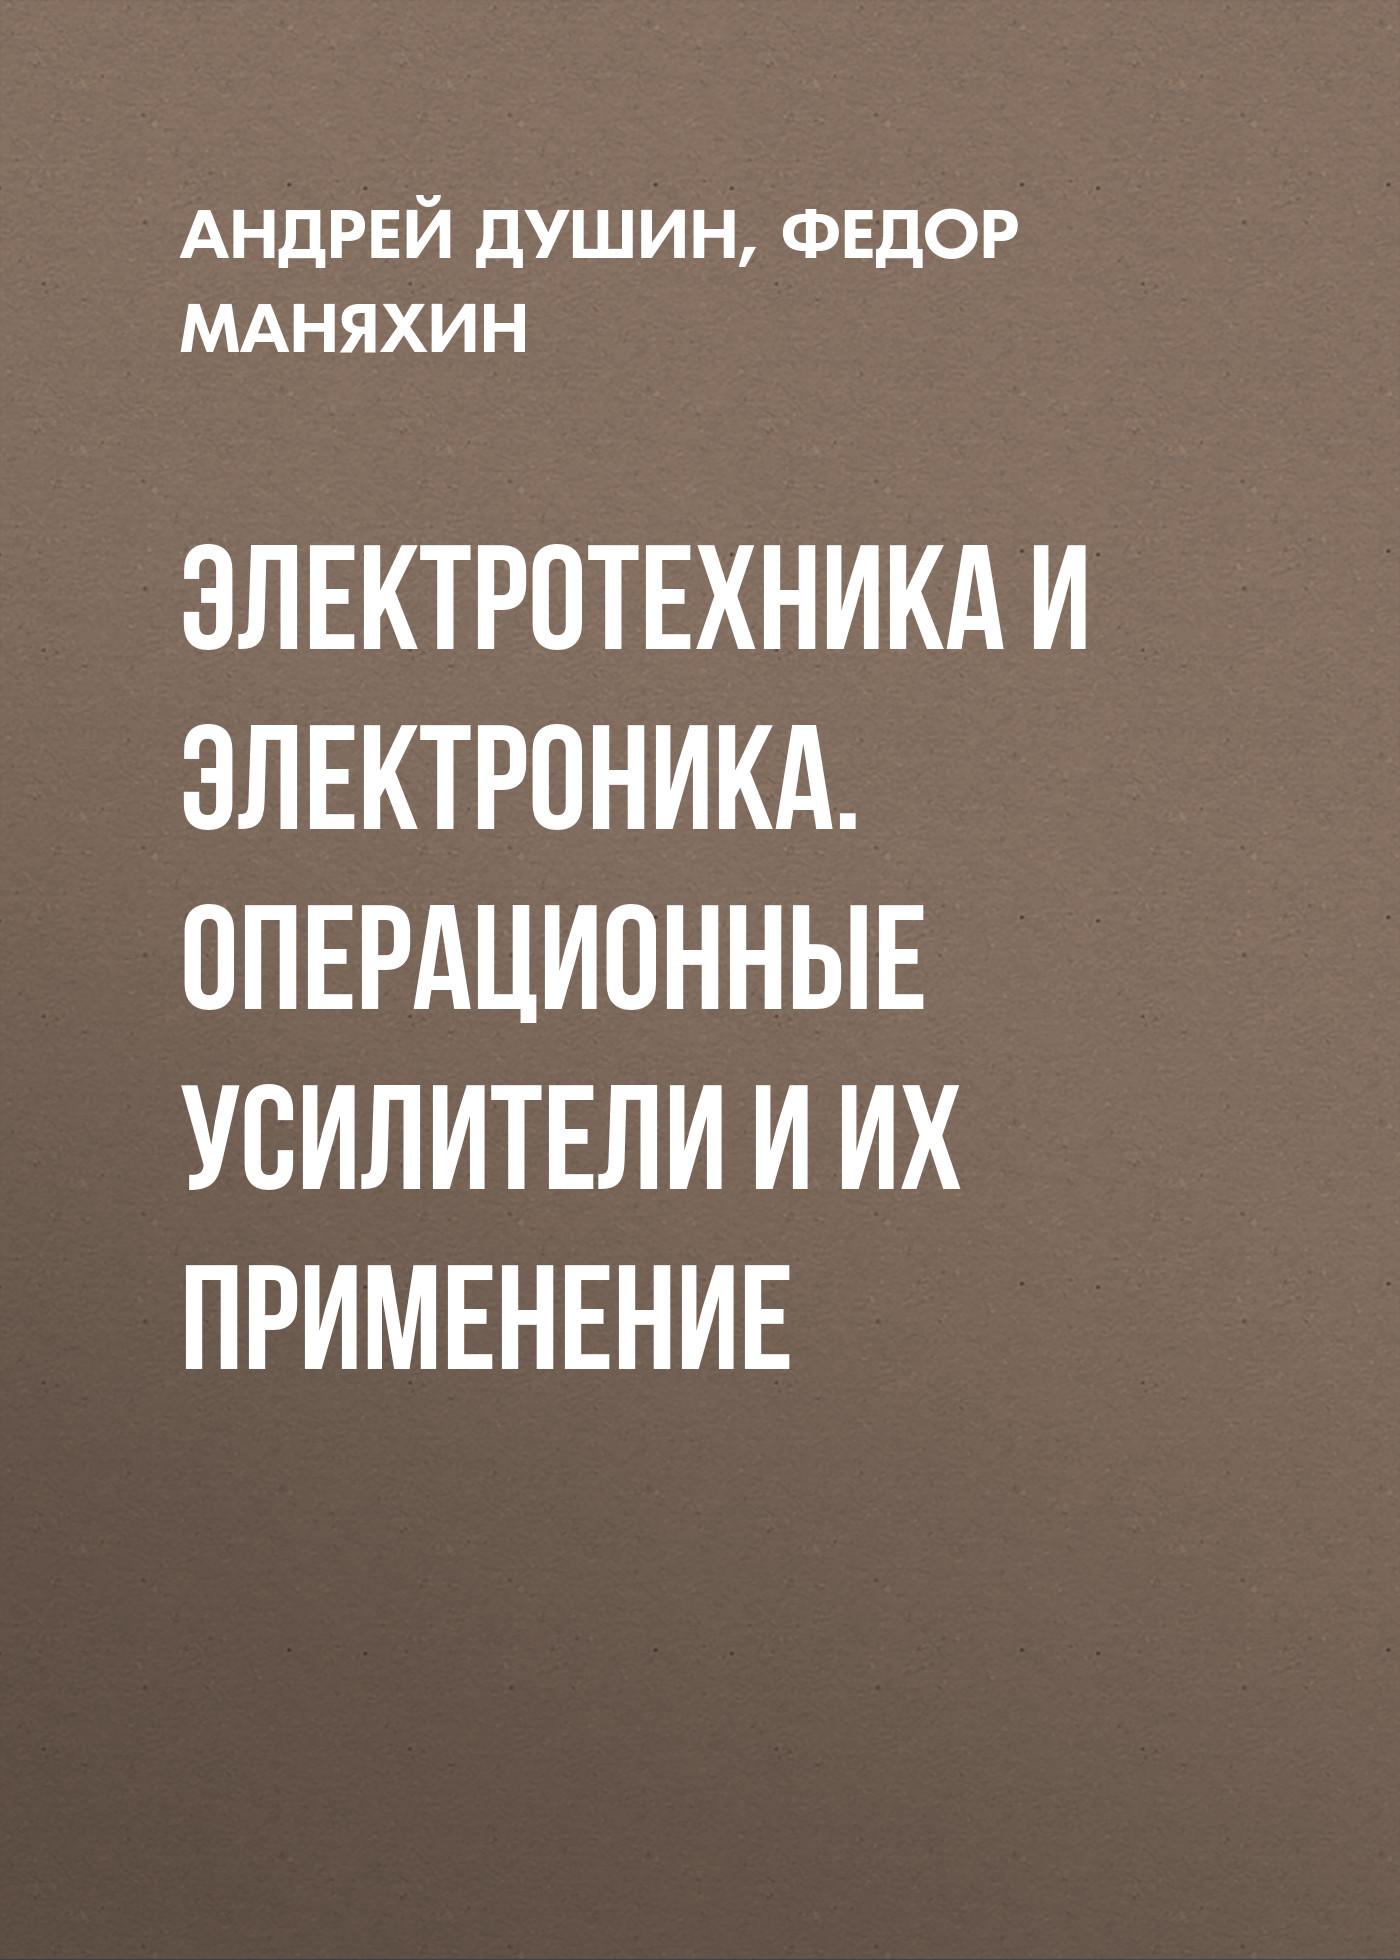 Андрей Душин бесплатно